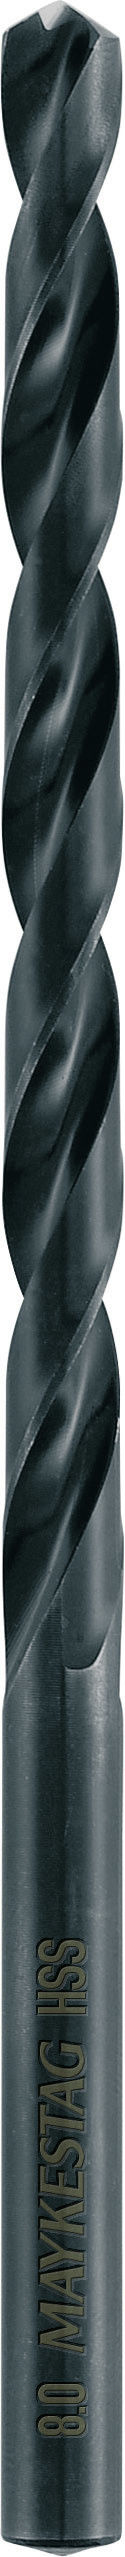 samocentrujące, wydłużone wiertło do metalu HSS 10,0-184/121mm, Alpen [0050101000100]